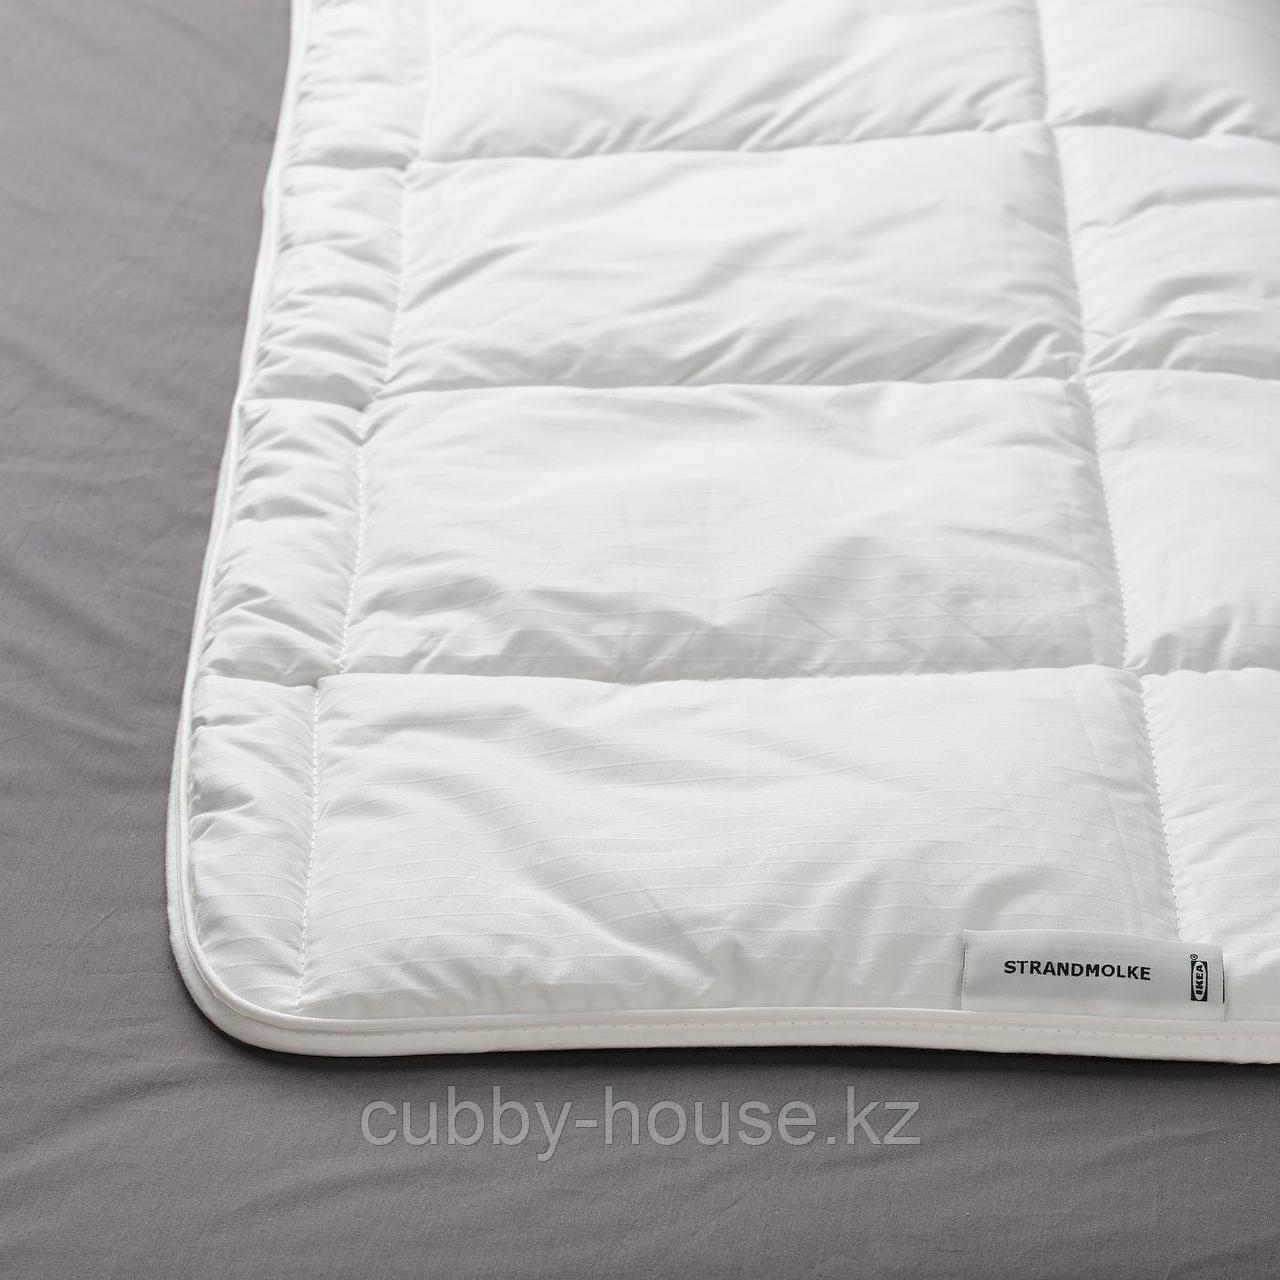 СТРАНДМОЛКЕ Одеяло легкое, 200x200 см